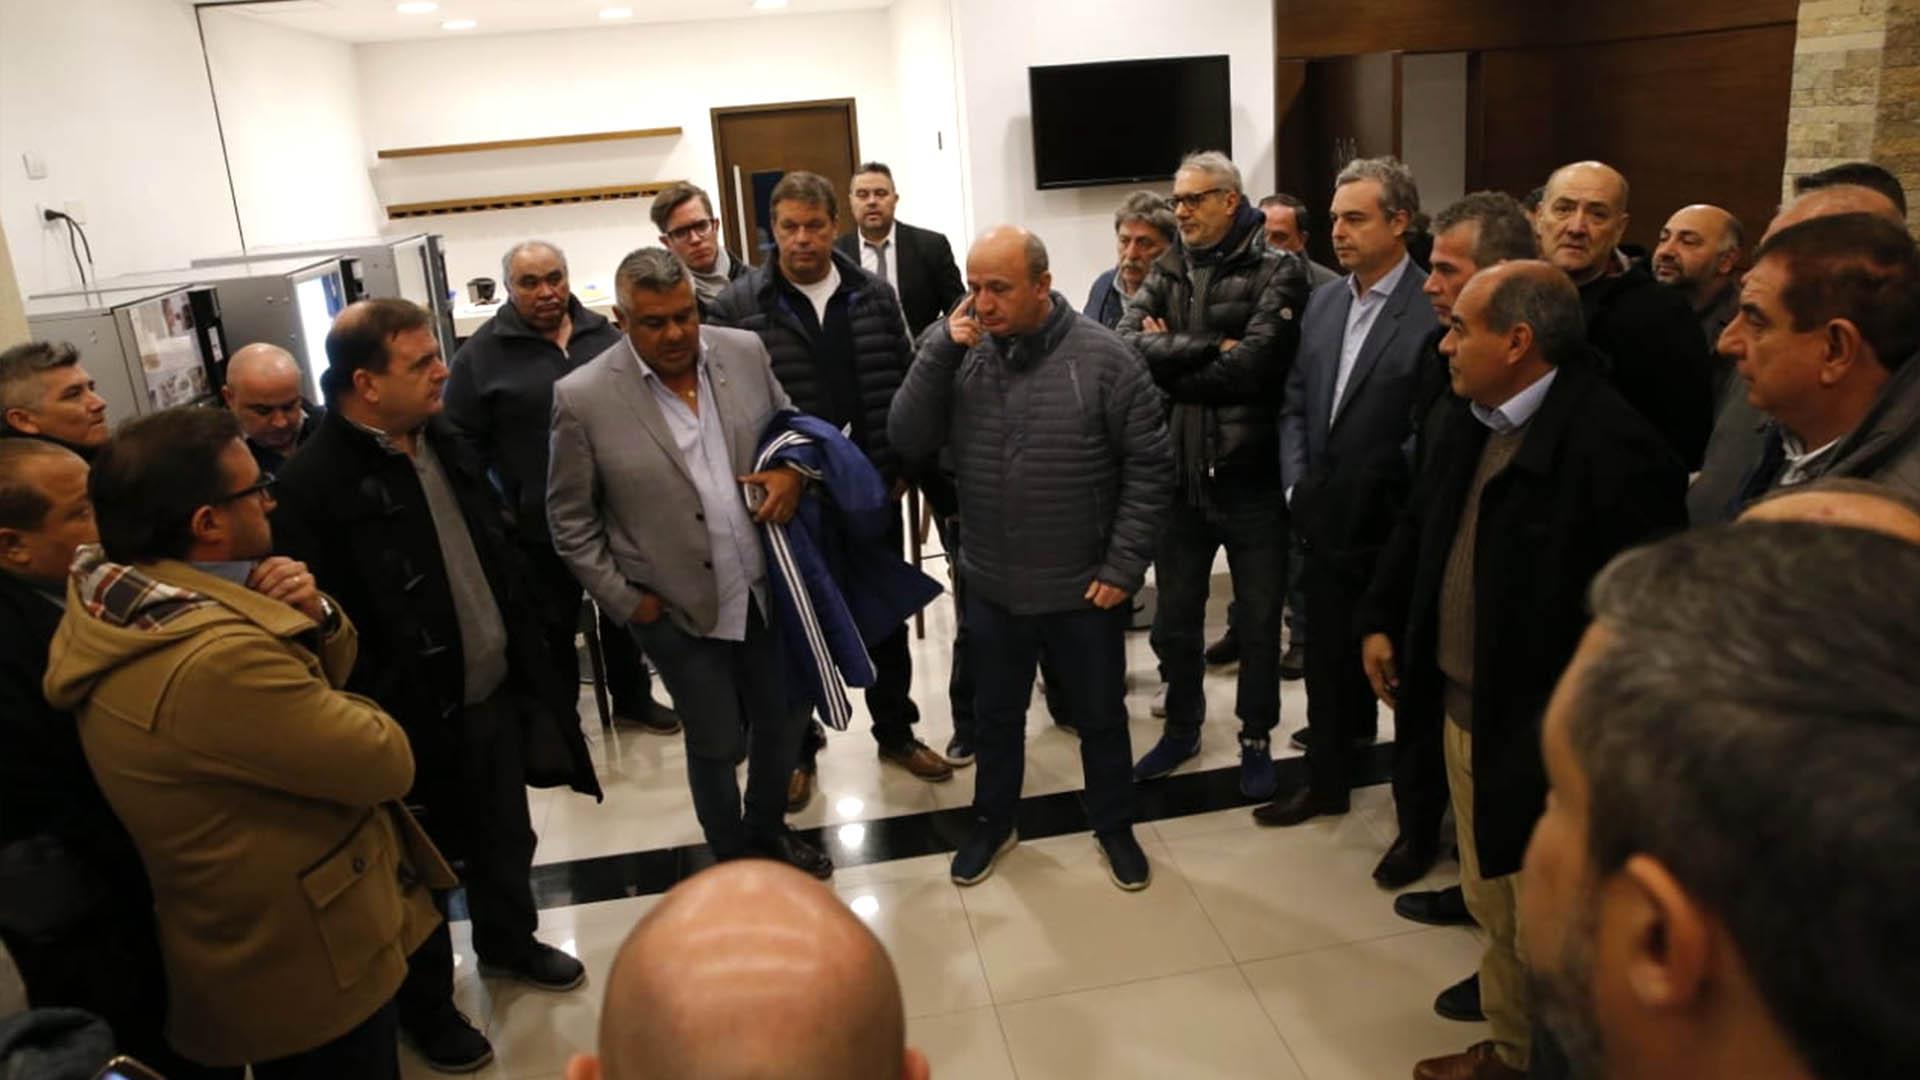 Claudio Tapia fue recibido por un nutrido grupo de dirigentes del fútbol argentino en su llegada al país tras acompañar a la delegación nacional en el Mundial Rusia 2018 (@TNTSportsLA)